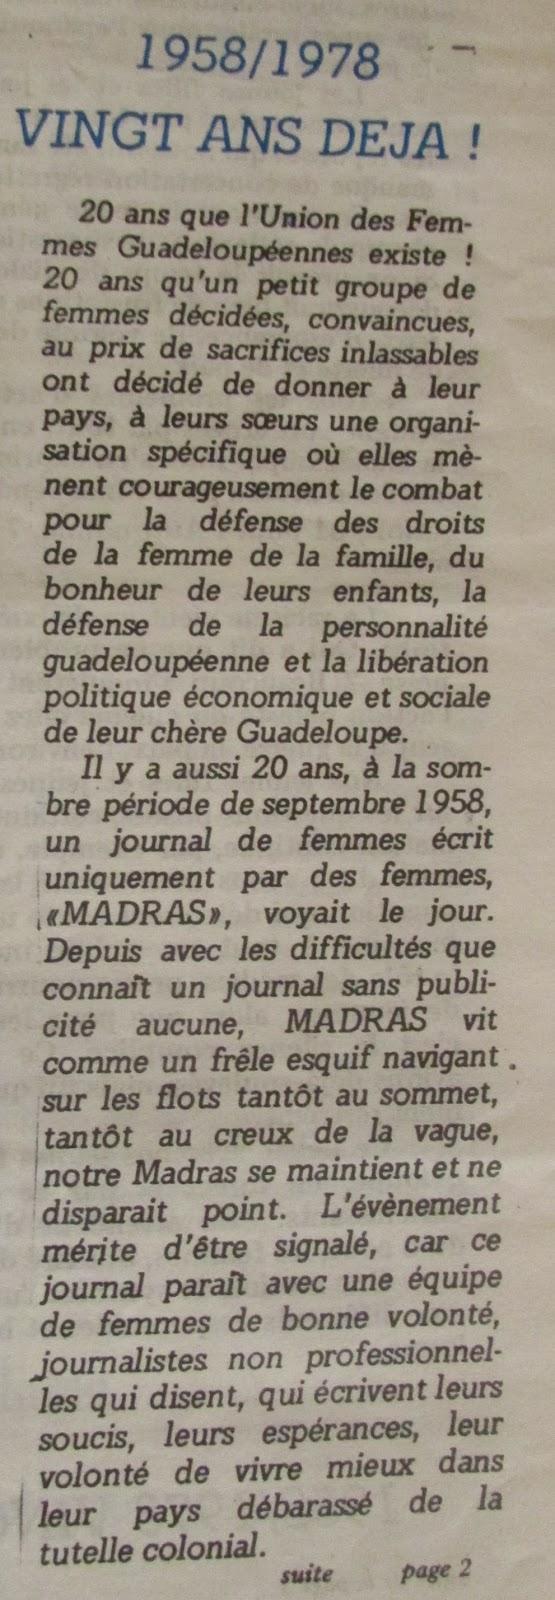 lunion-des-femmes-guadeloupe_ennes-fe_te-ses-20-ans-en-1978